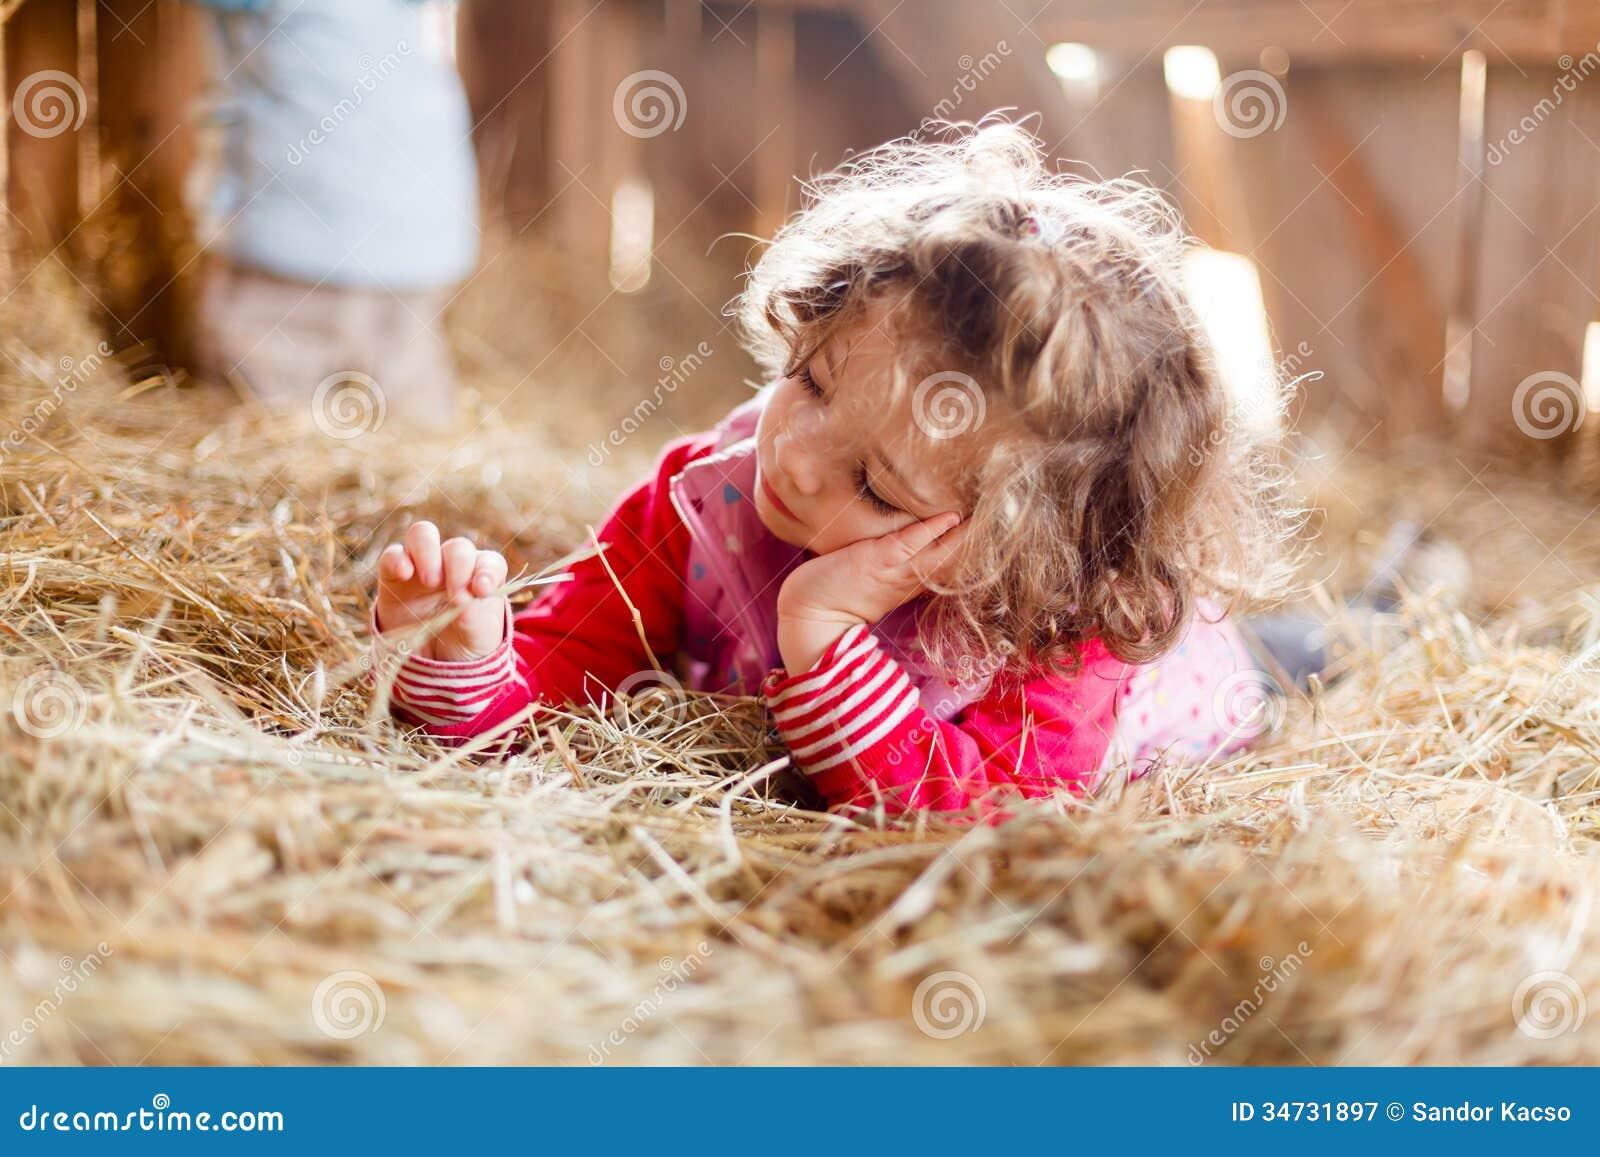 Mała Dziewczynka w sianie